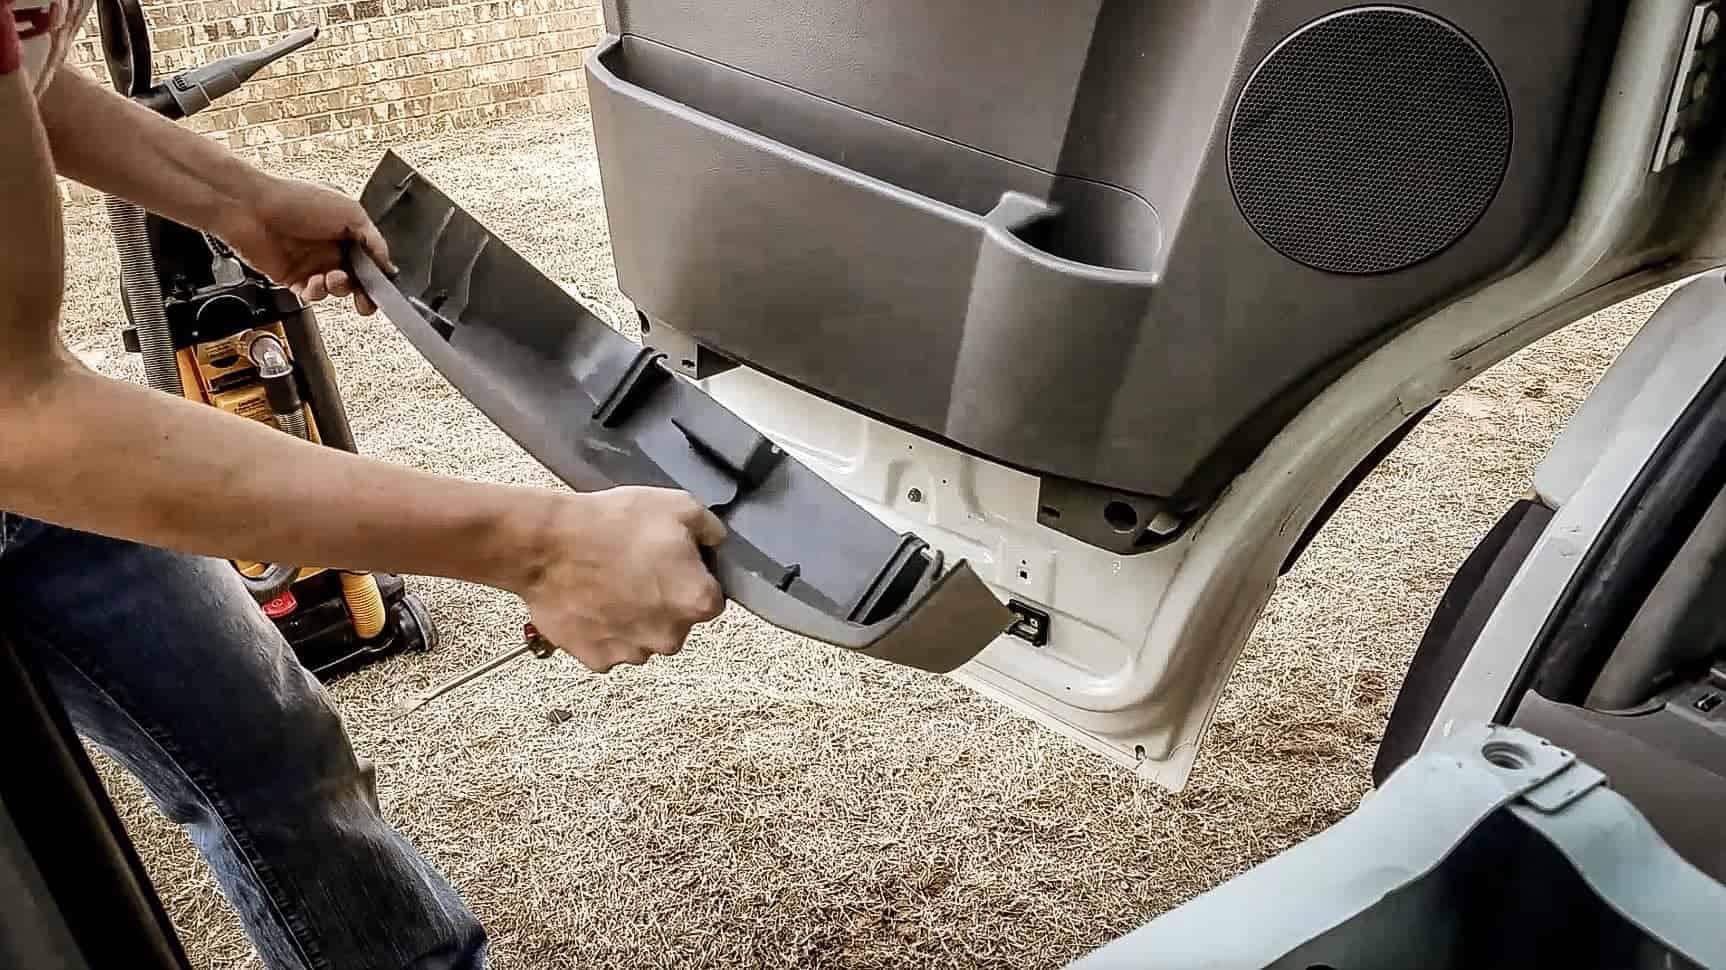 Removing door panel from Mercedes Sprinter Vanlife-1